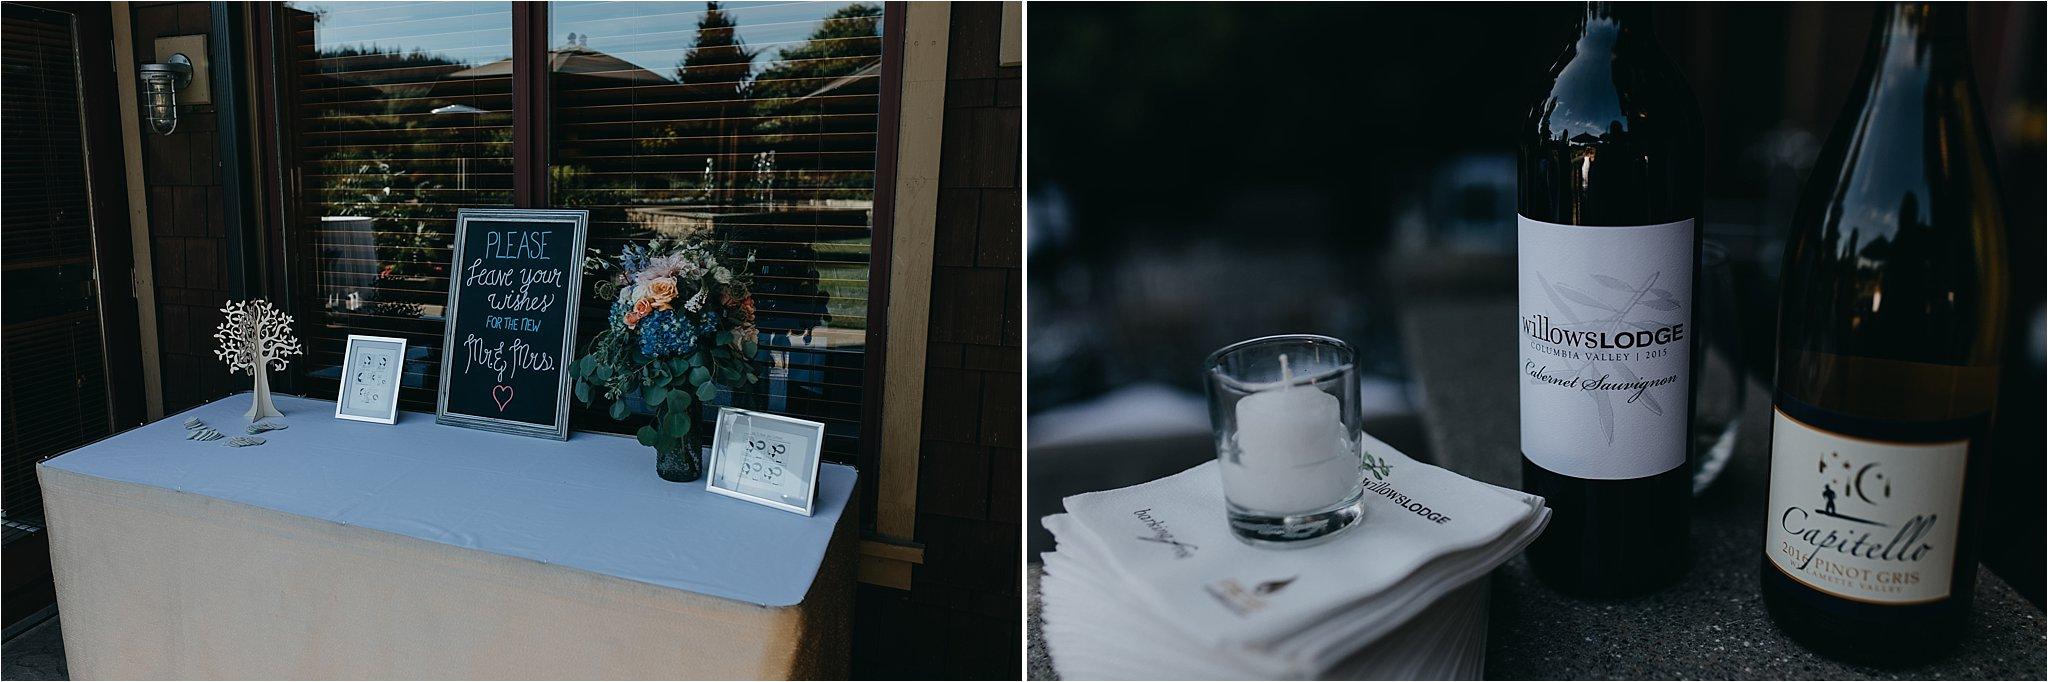 willows-lodge-ann-eric-wedding27.jpg